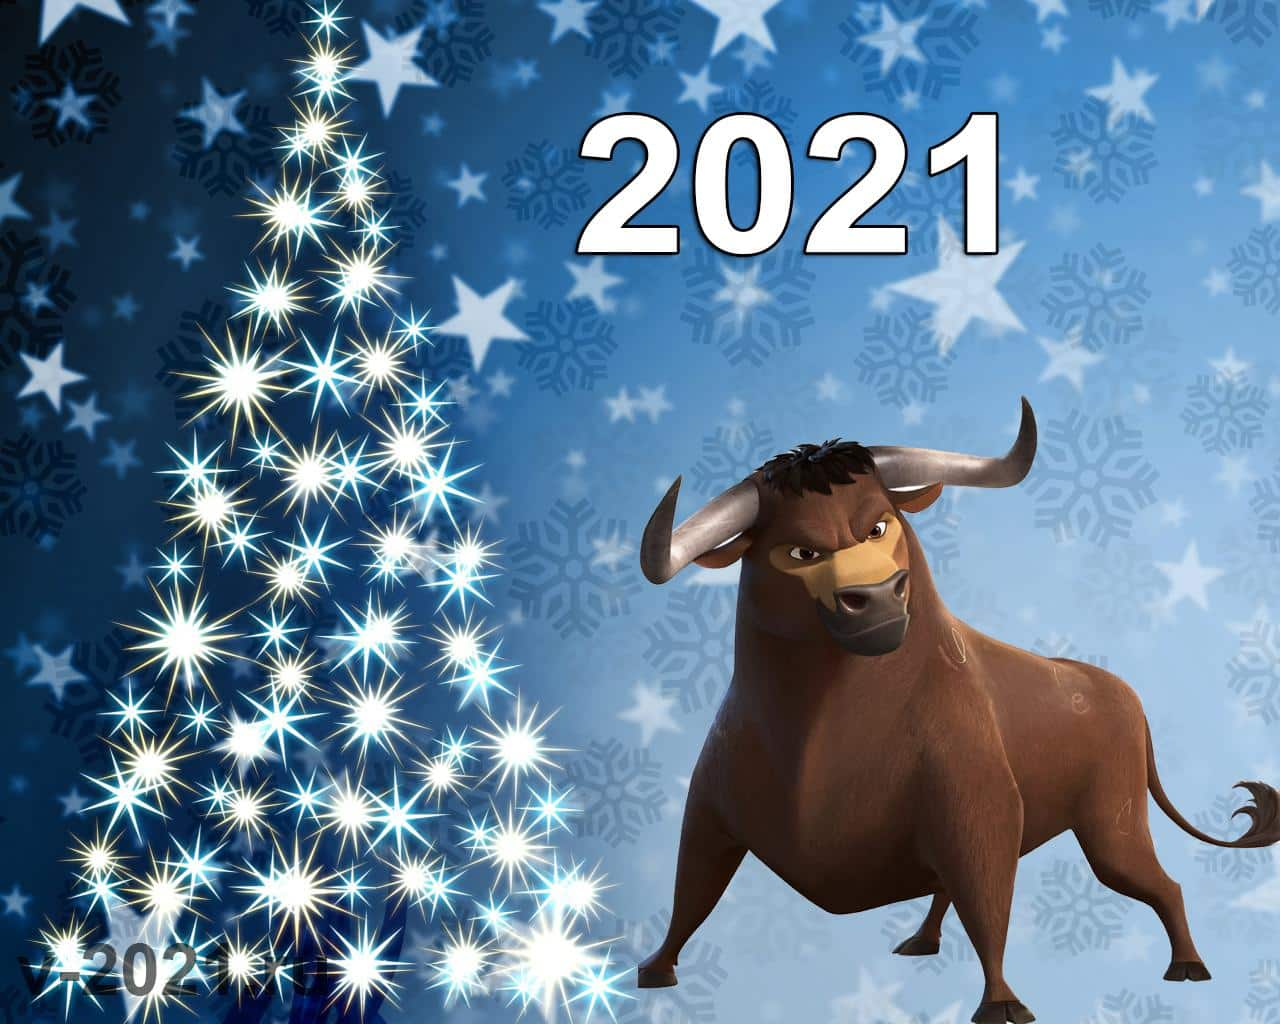 Символом 2021 года станет Металлический Бык